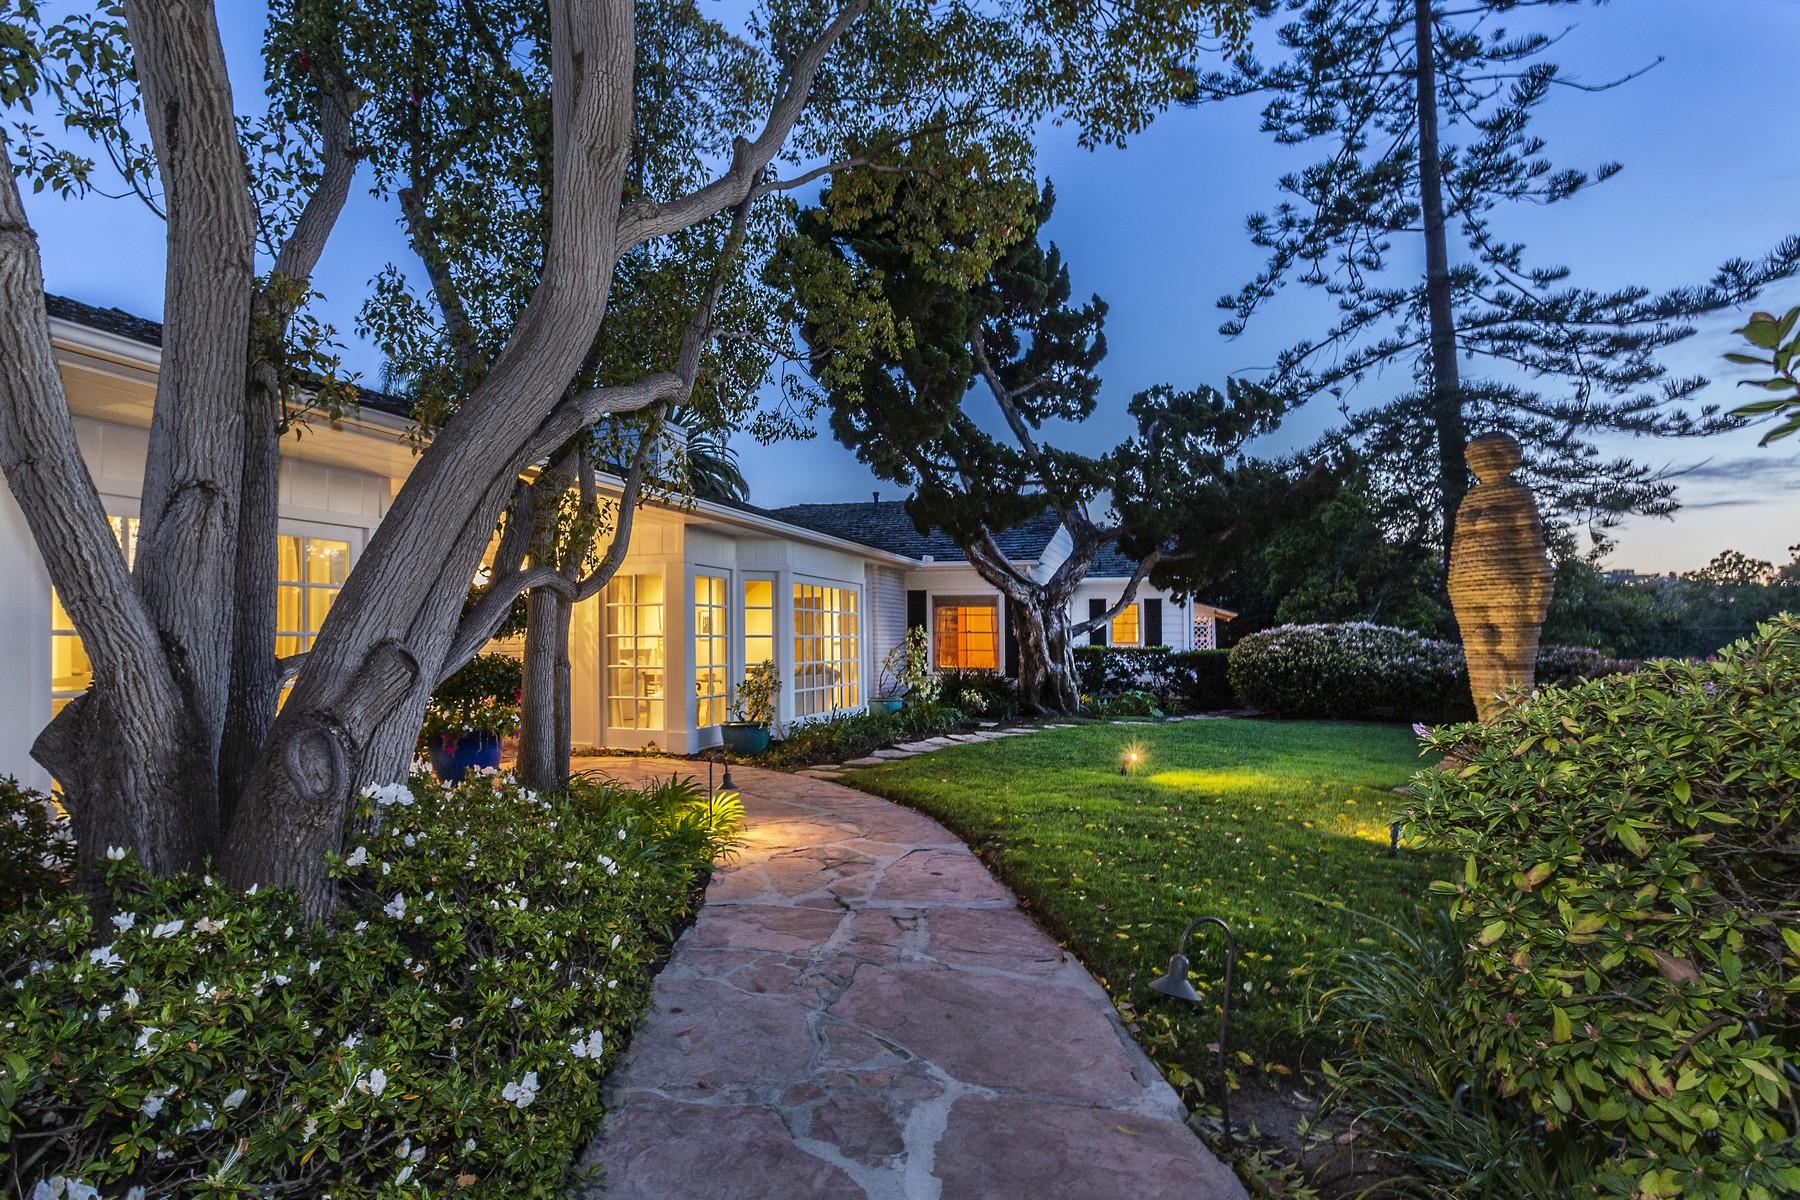 Single Family Home for Active at 8317 La Jolla Shores Drive La Jolla, California 92037 United States